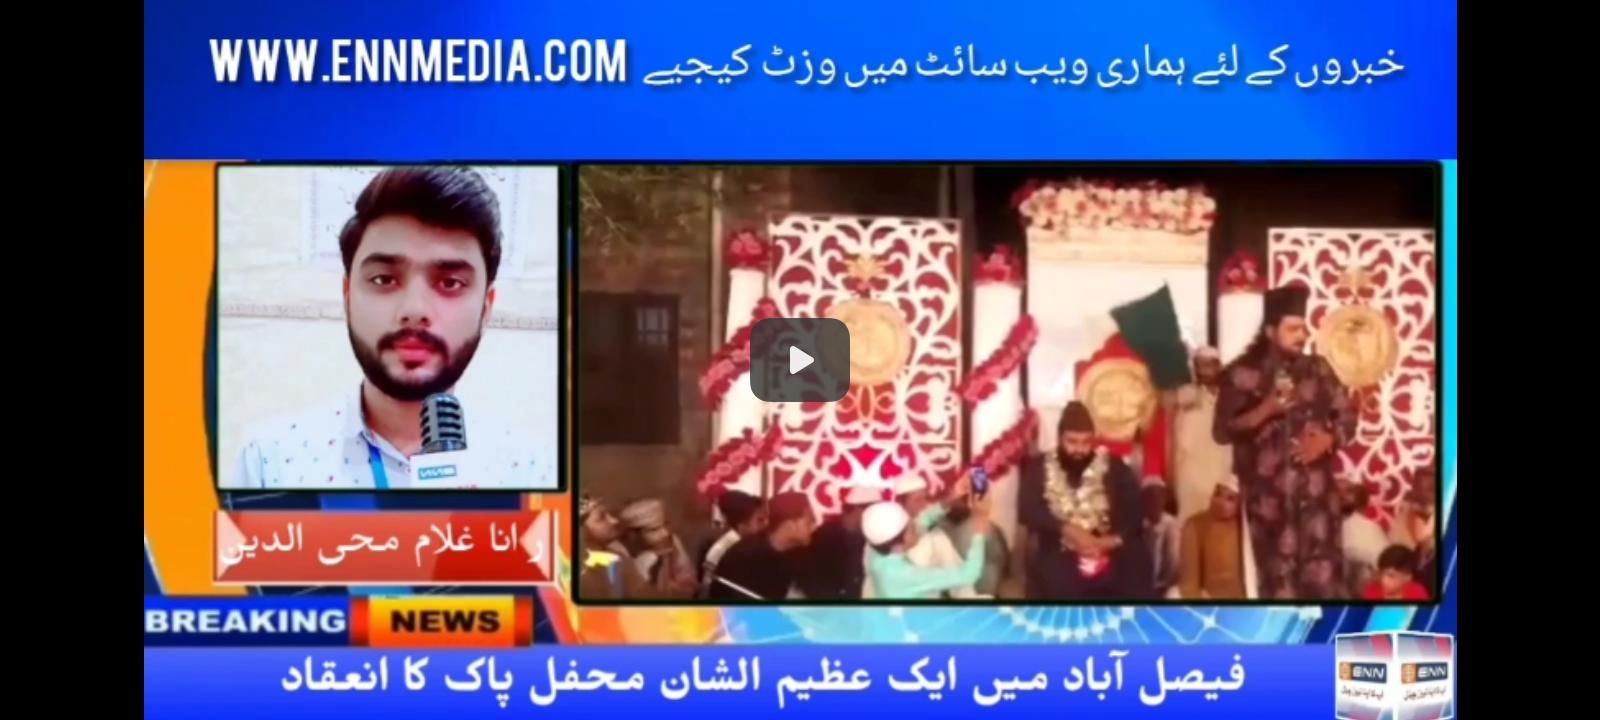 فیصل آباد میں ایک عظیم الشان محفل پاک کا انعقاد